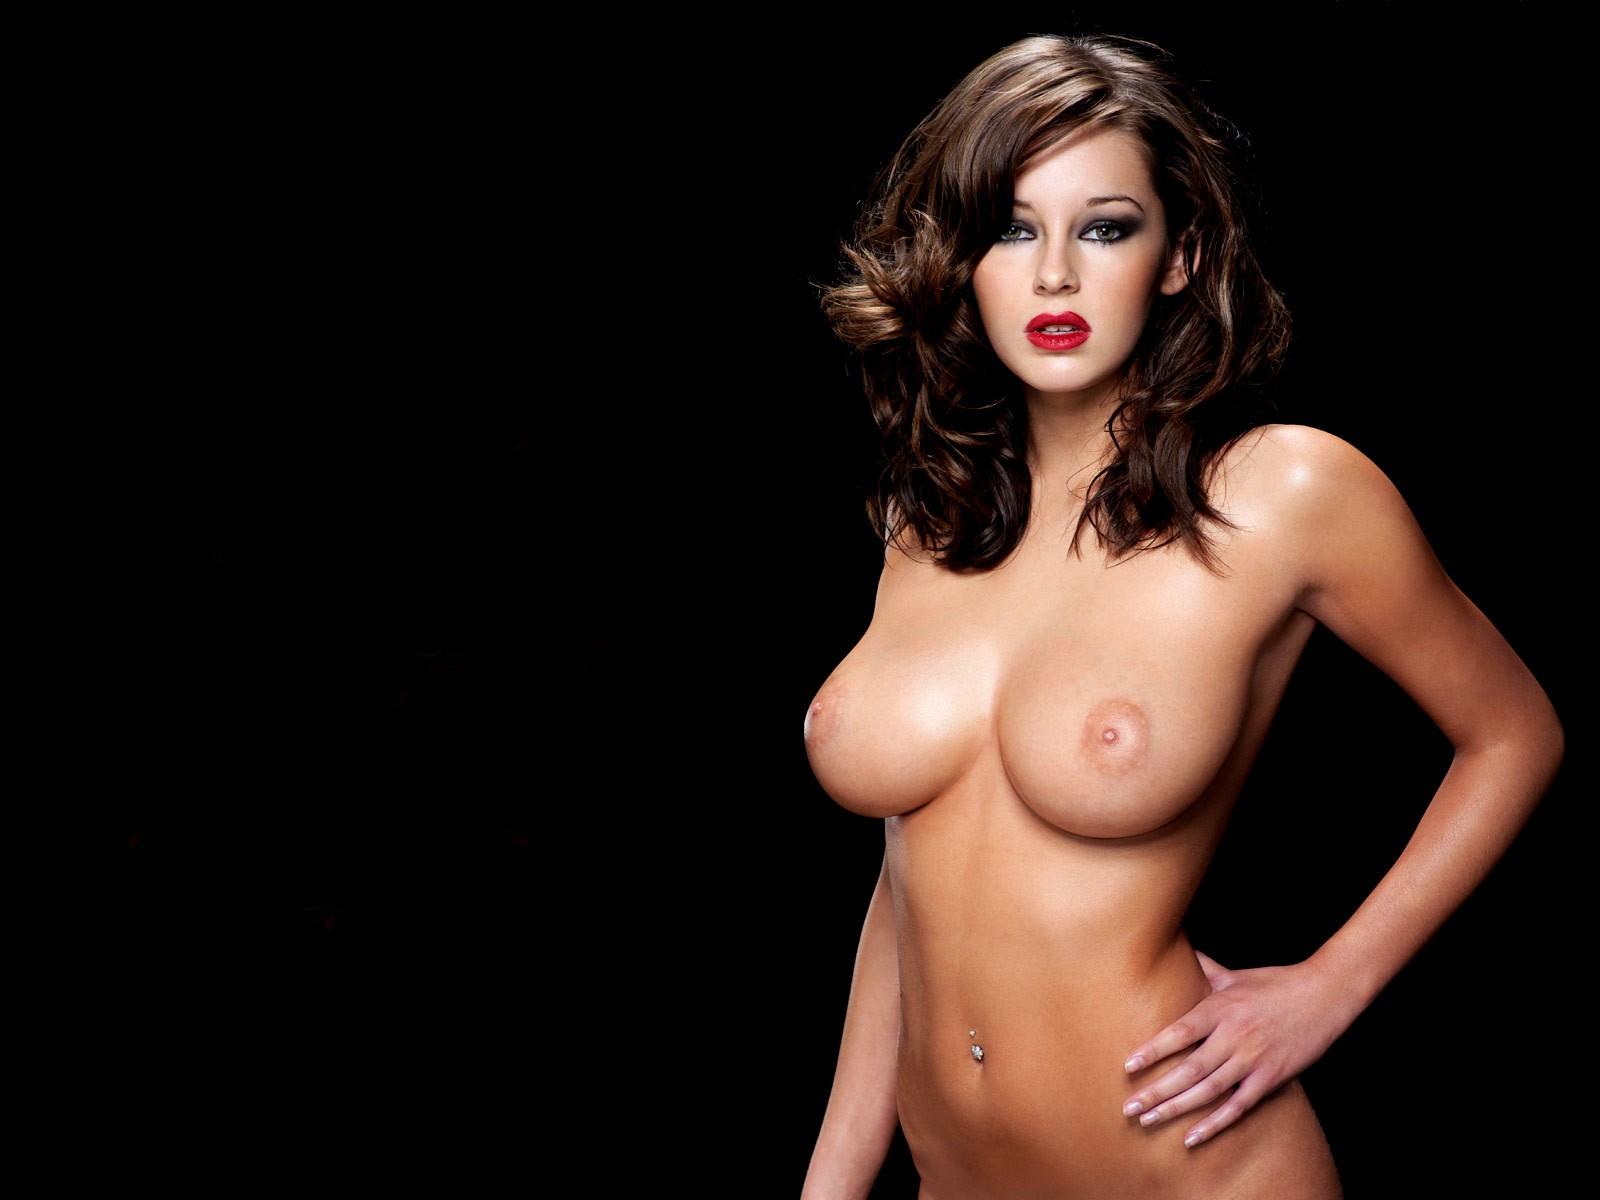 голые девушки с огромной грудью